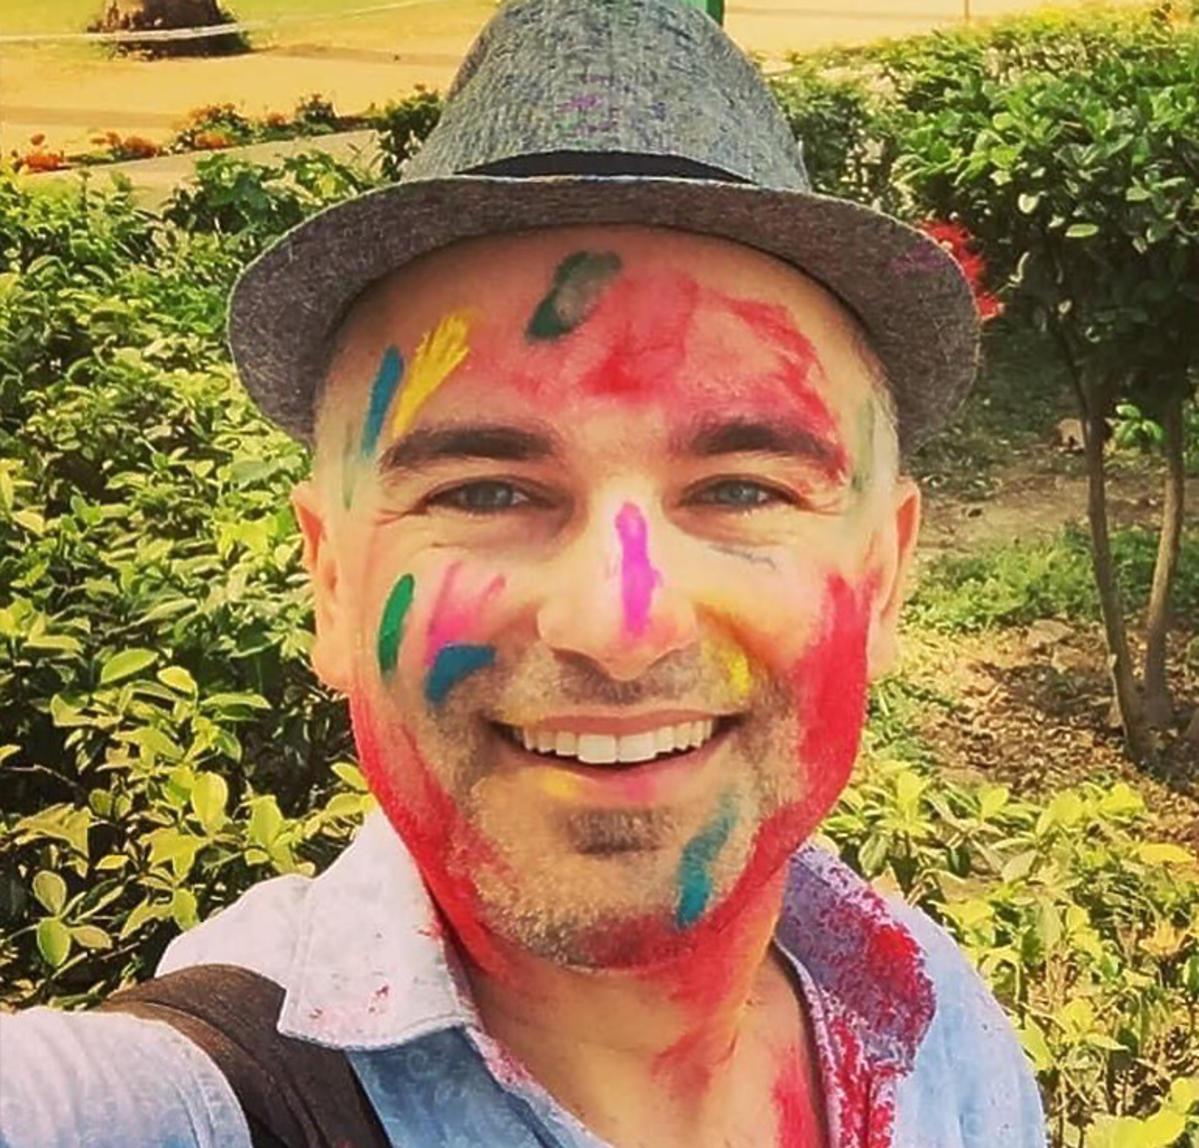 Michał Rudaś jest gejem. Wokalista dokonał coming outu